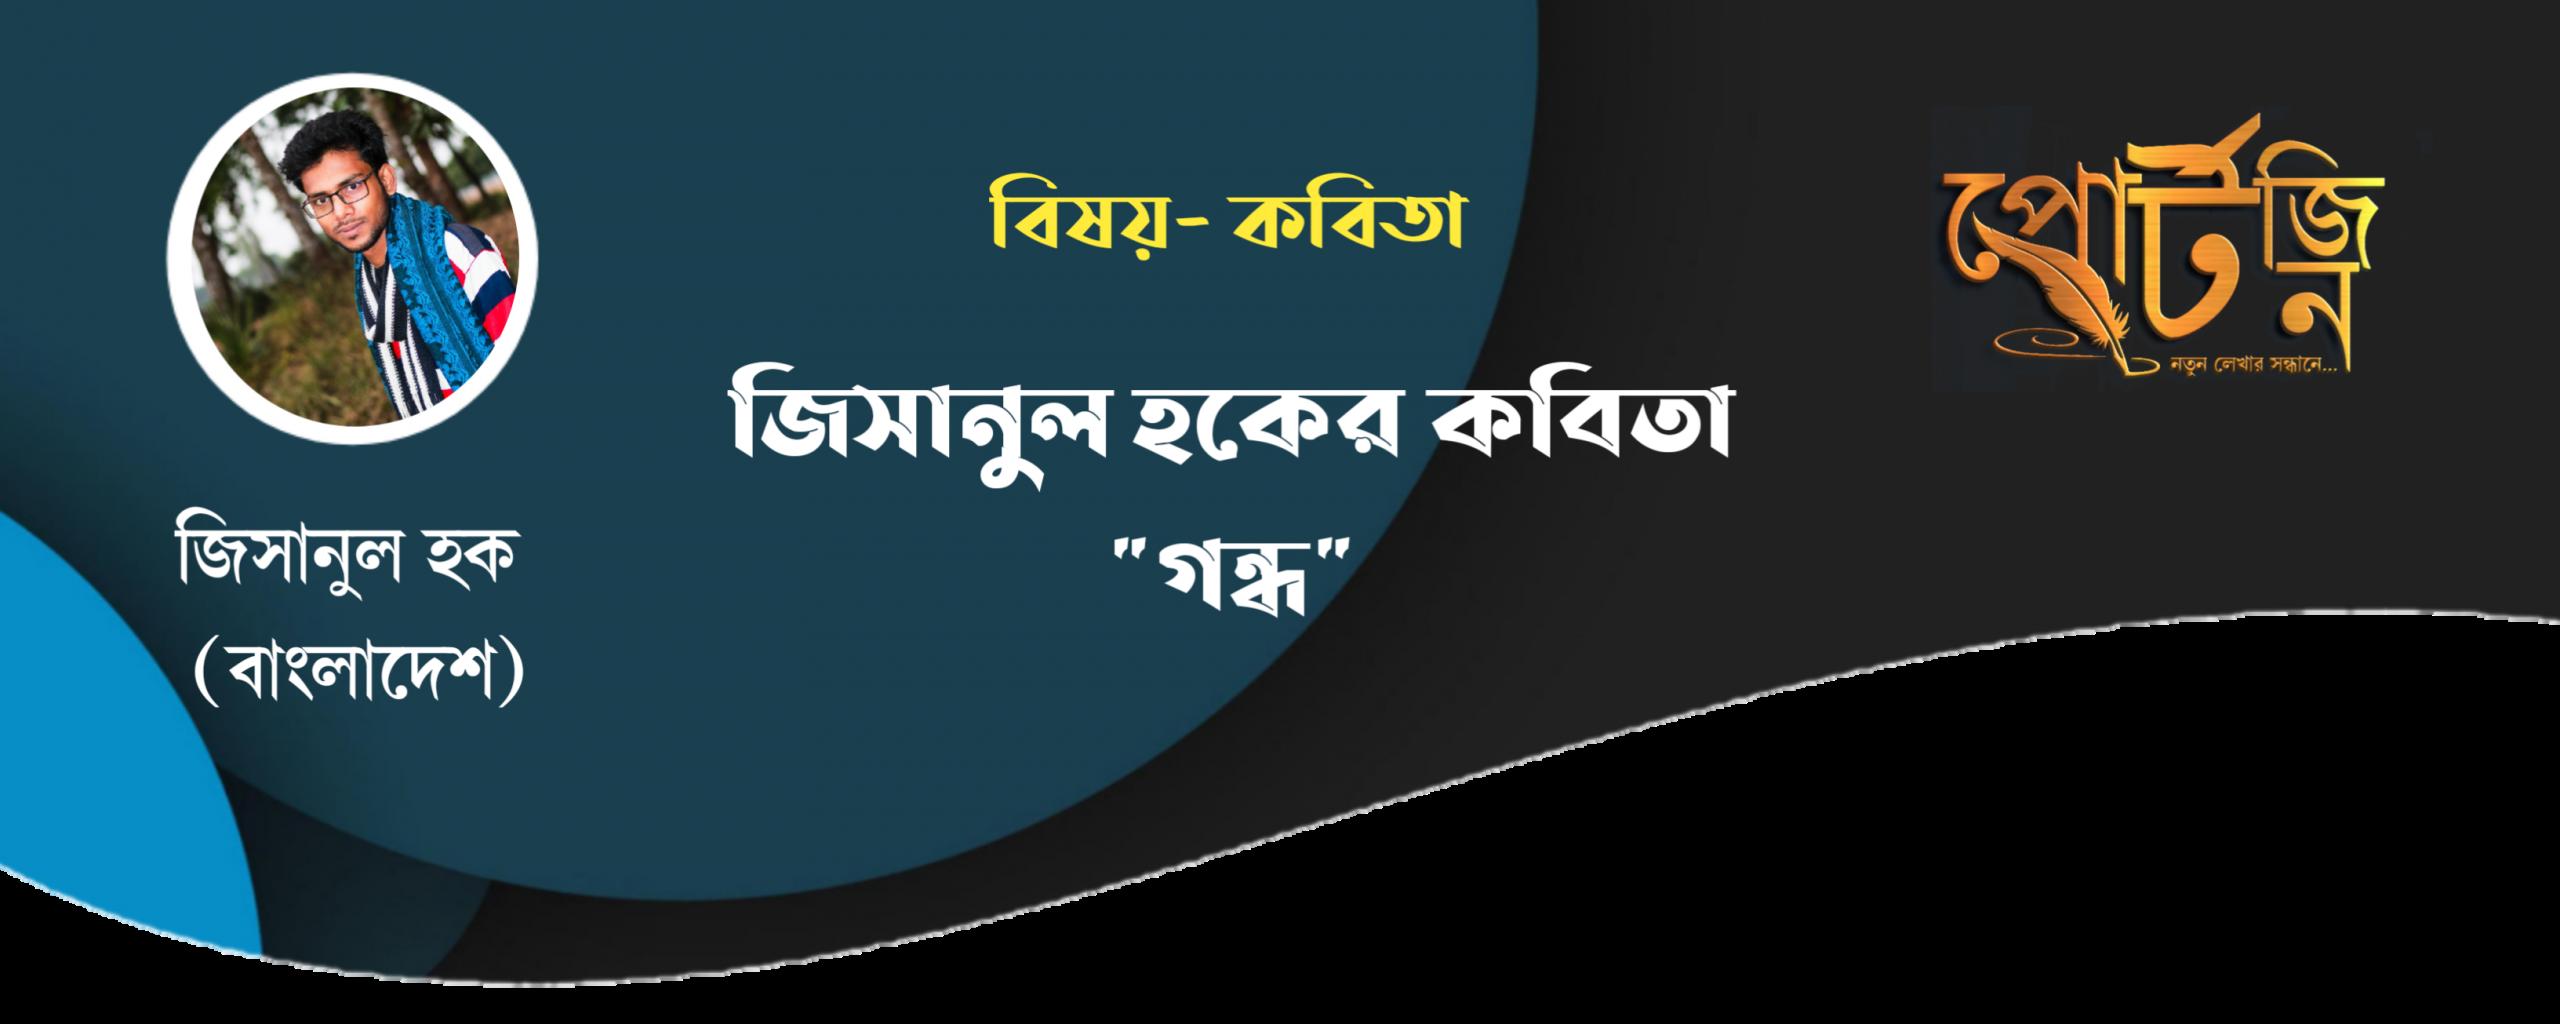 bengal live portzine jishanul haque